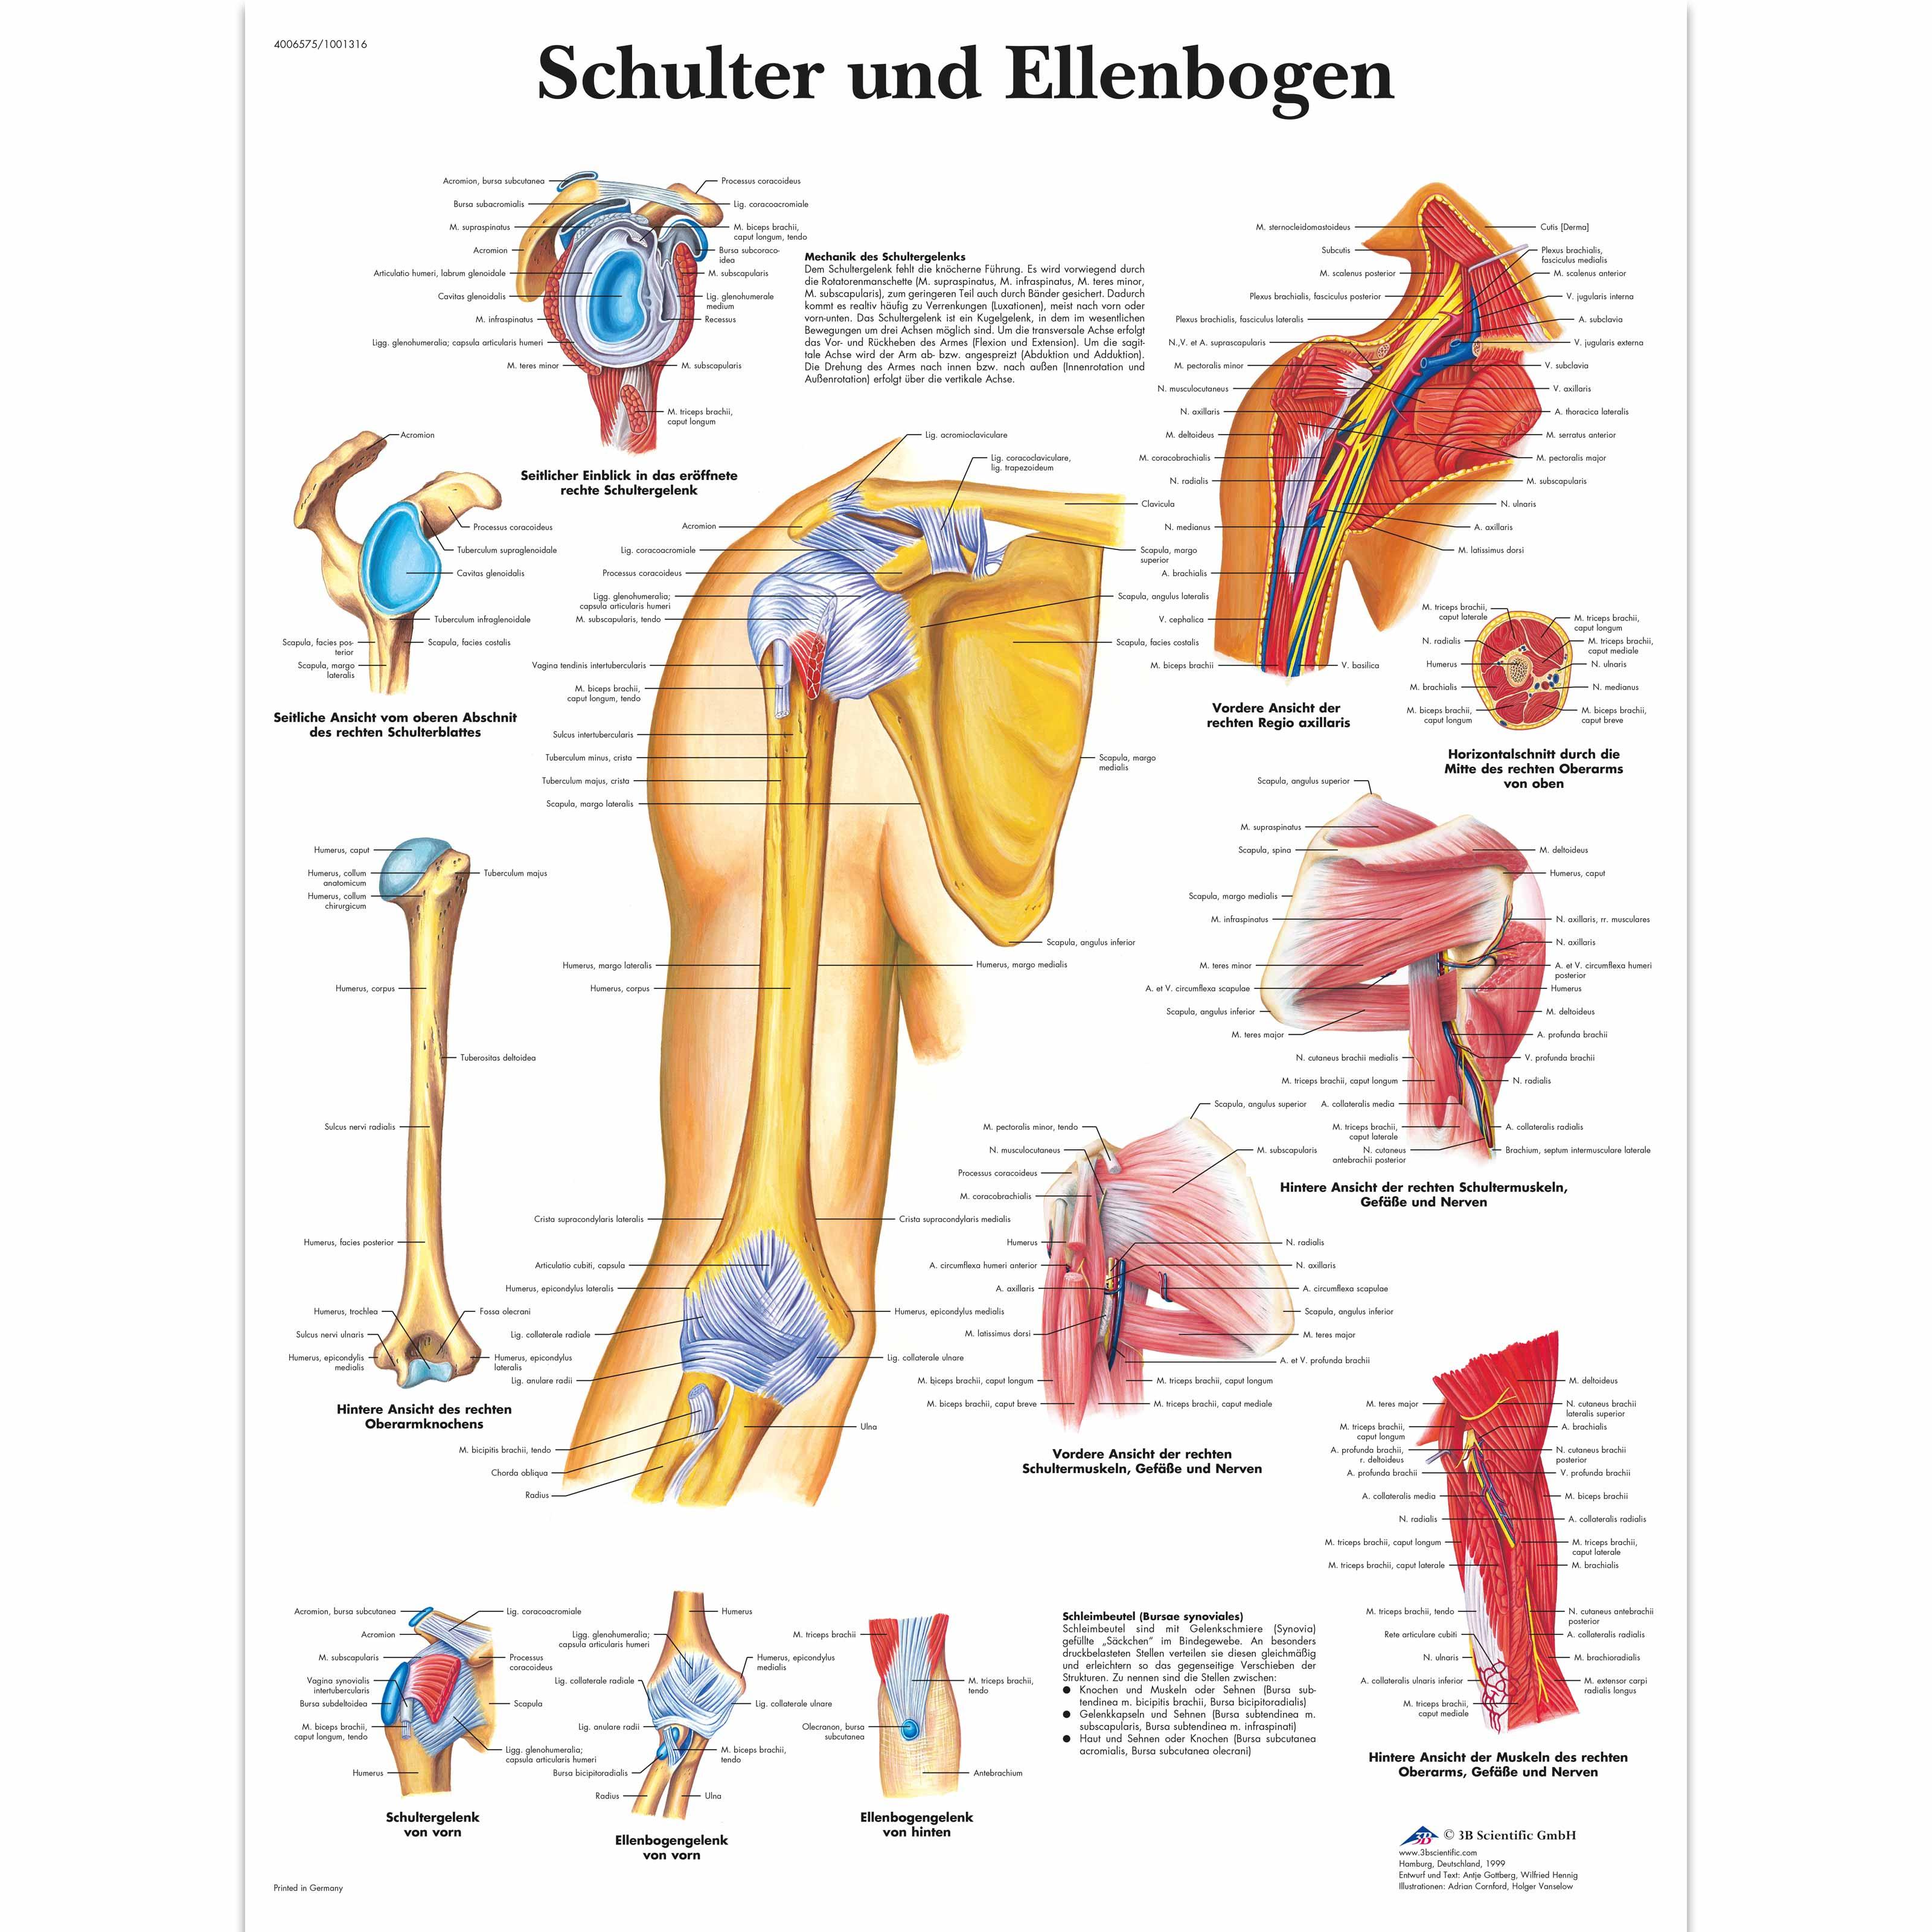 Nett Schulter Anatomie Knochen Zeitgenössisch - Menschliche Anatomie ...